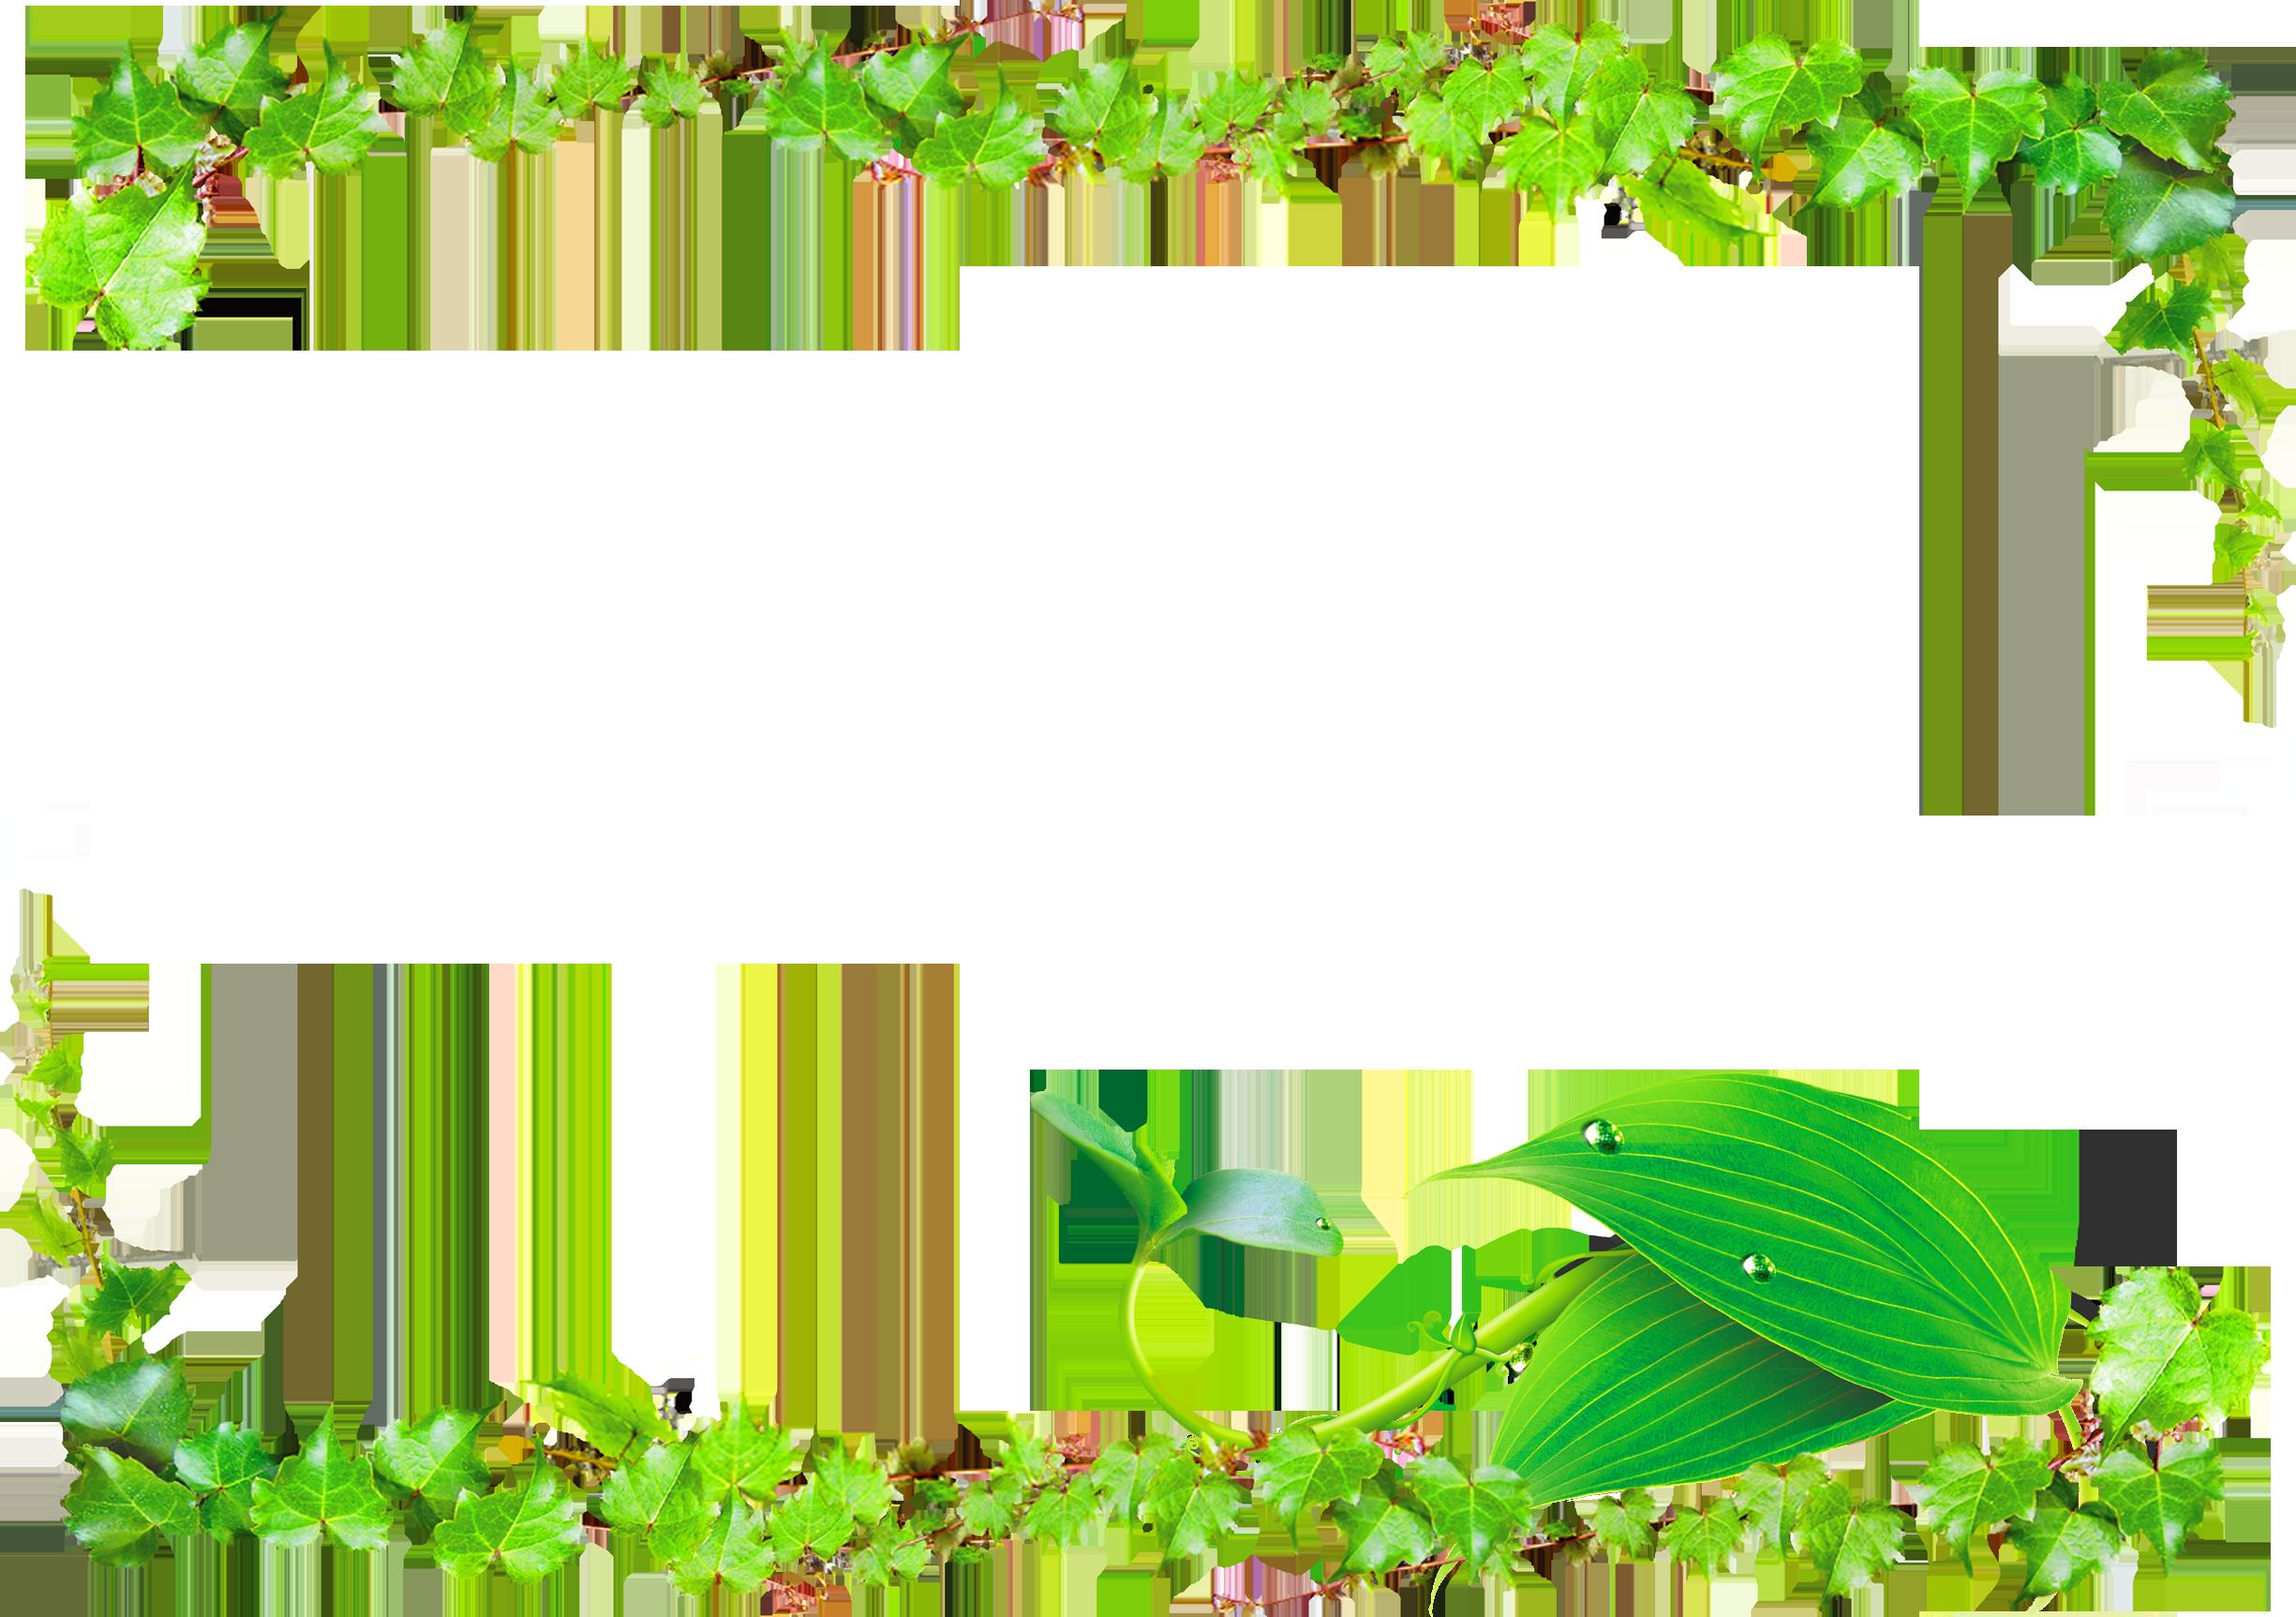 Green Vines Png - Transparent Background Vine Border Png (2450x1725), Png Download